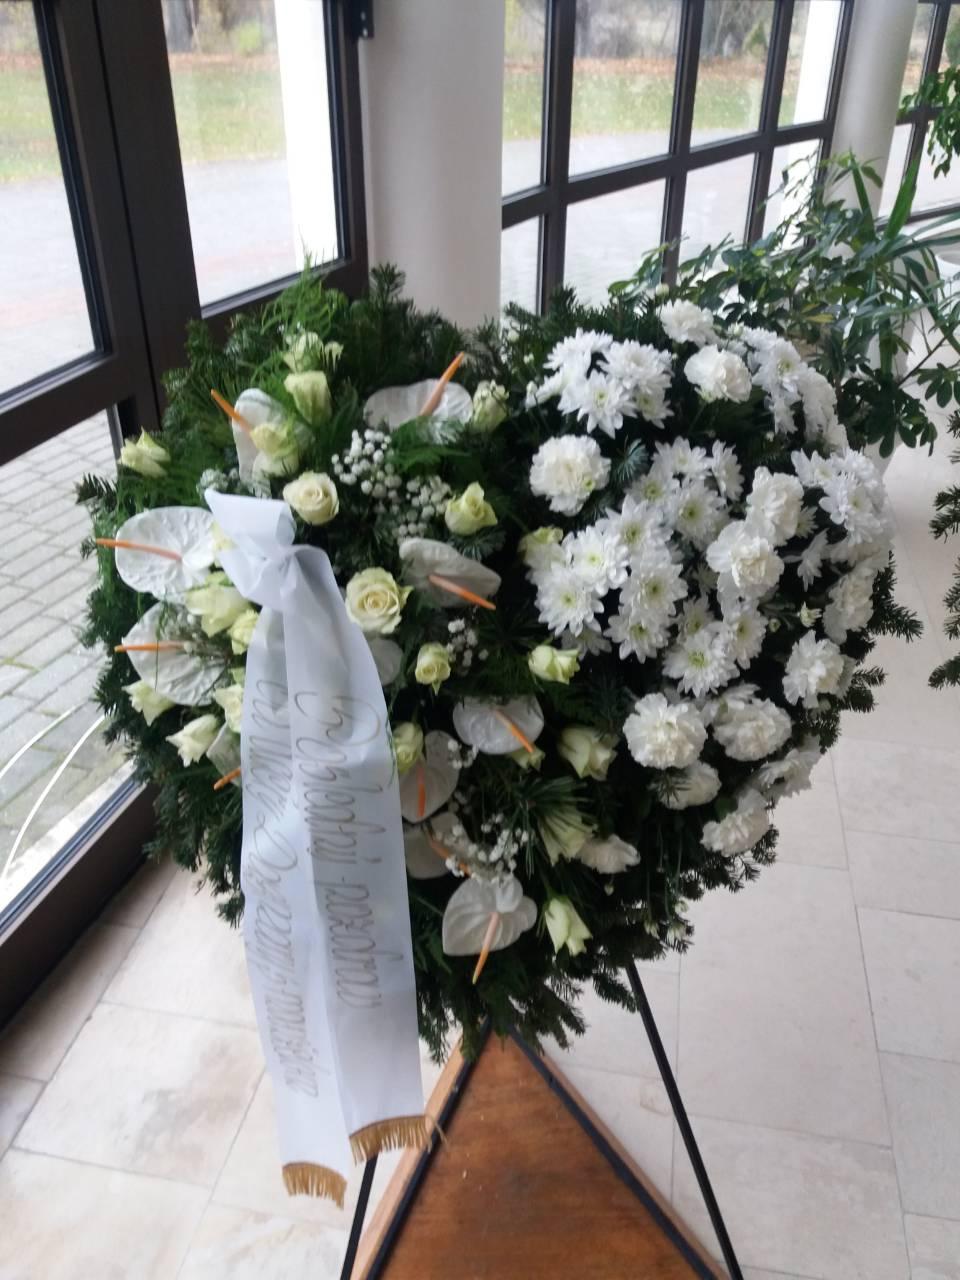 4a02f26a9 Smútočné vence a kvetinová výzdoba | Profesionálne pohrebné služby